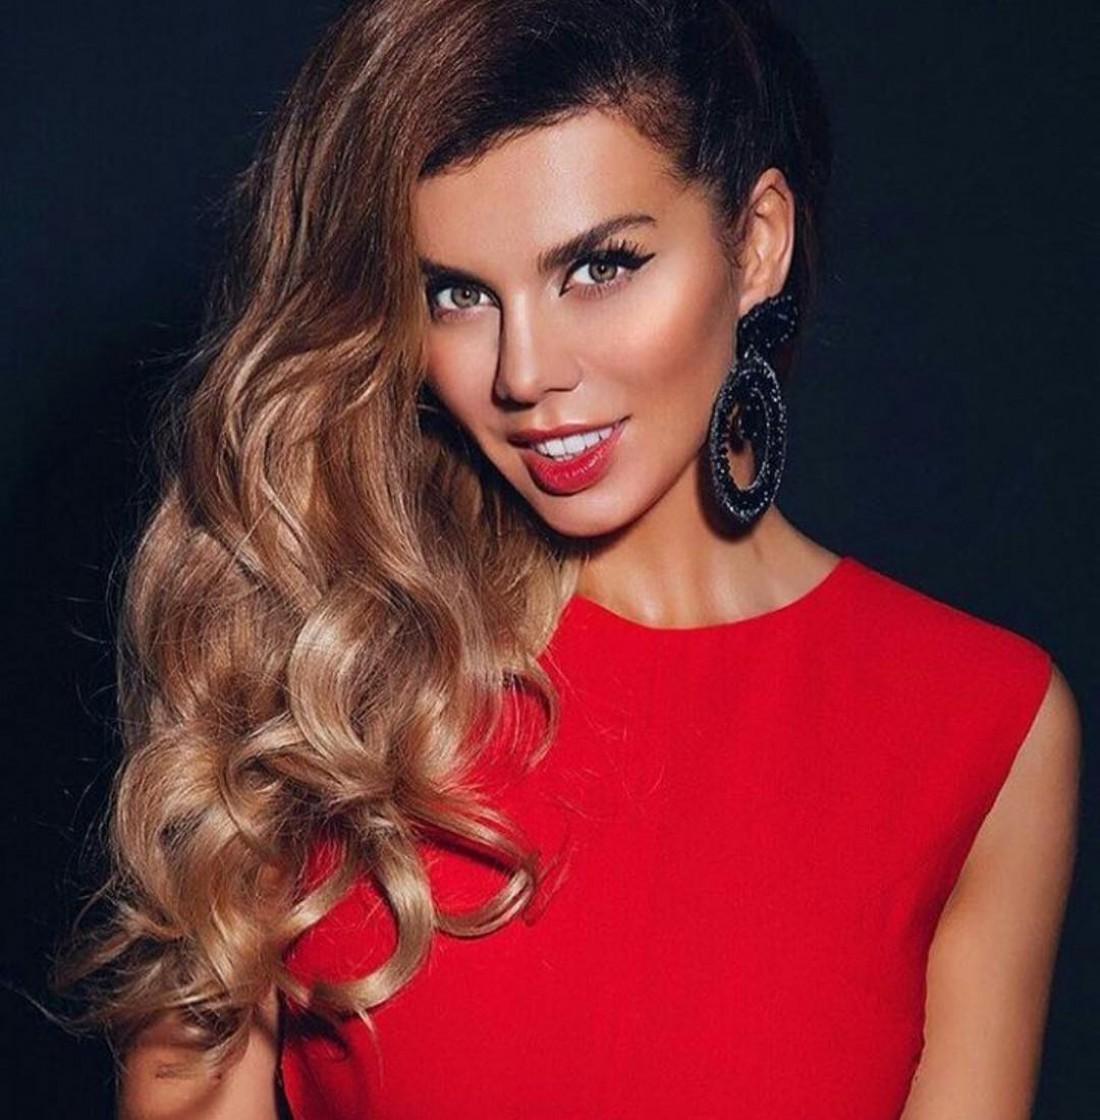 Экс-вокалистка ВИА Гры Анна Седокова беременна: эстрадная певица ожидает 3-го ребенка